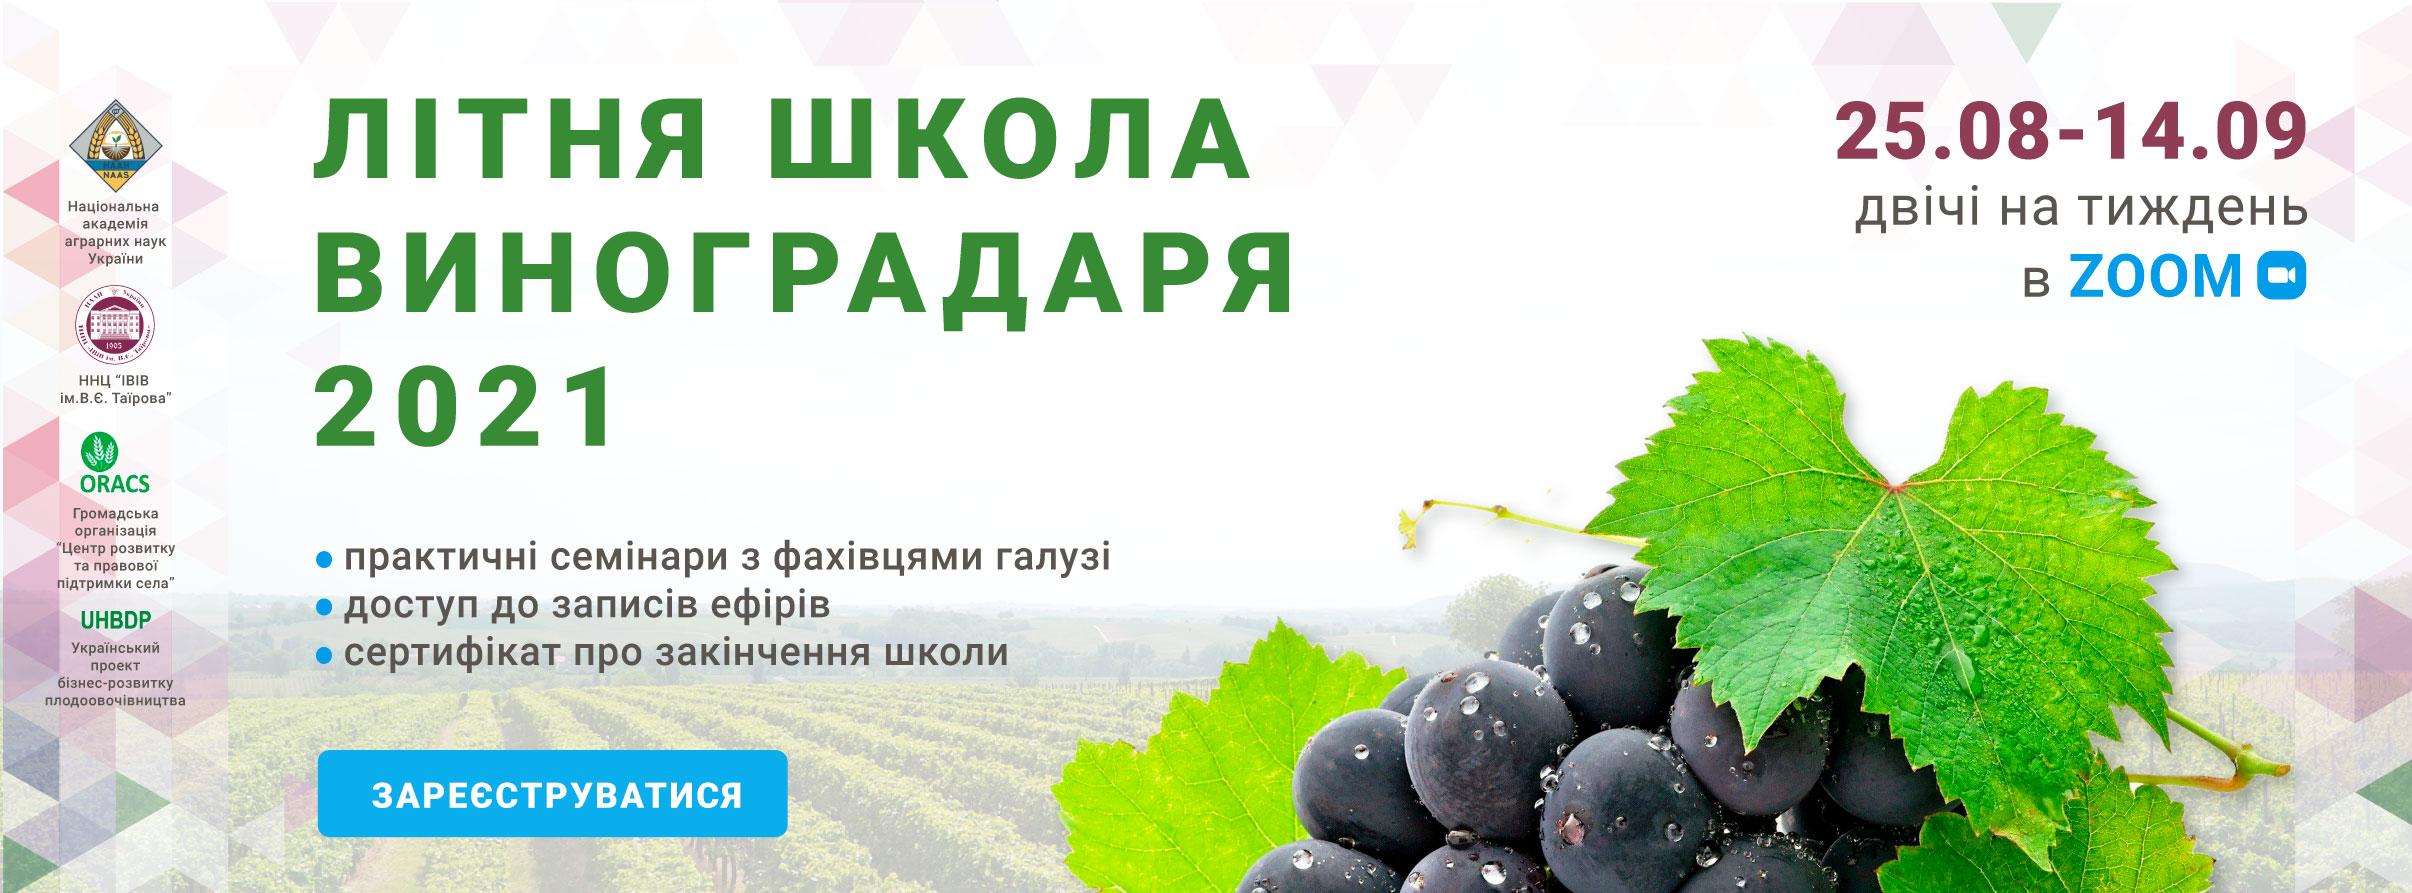 Літня школа виноградаря 2021